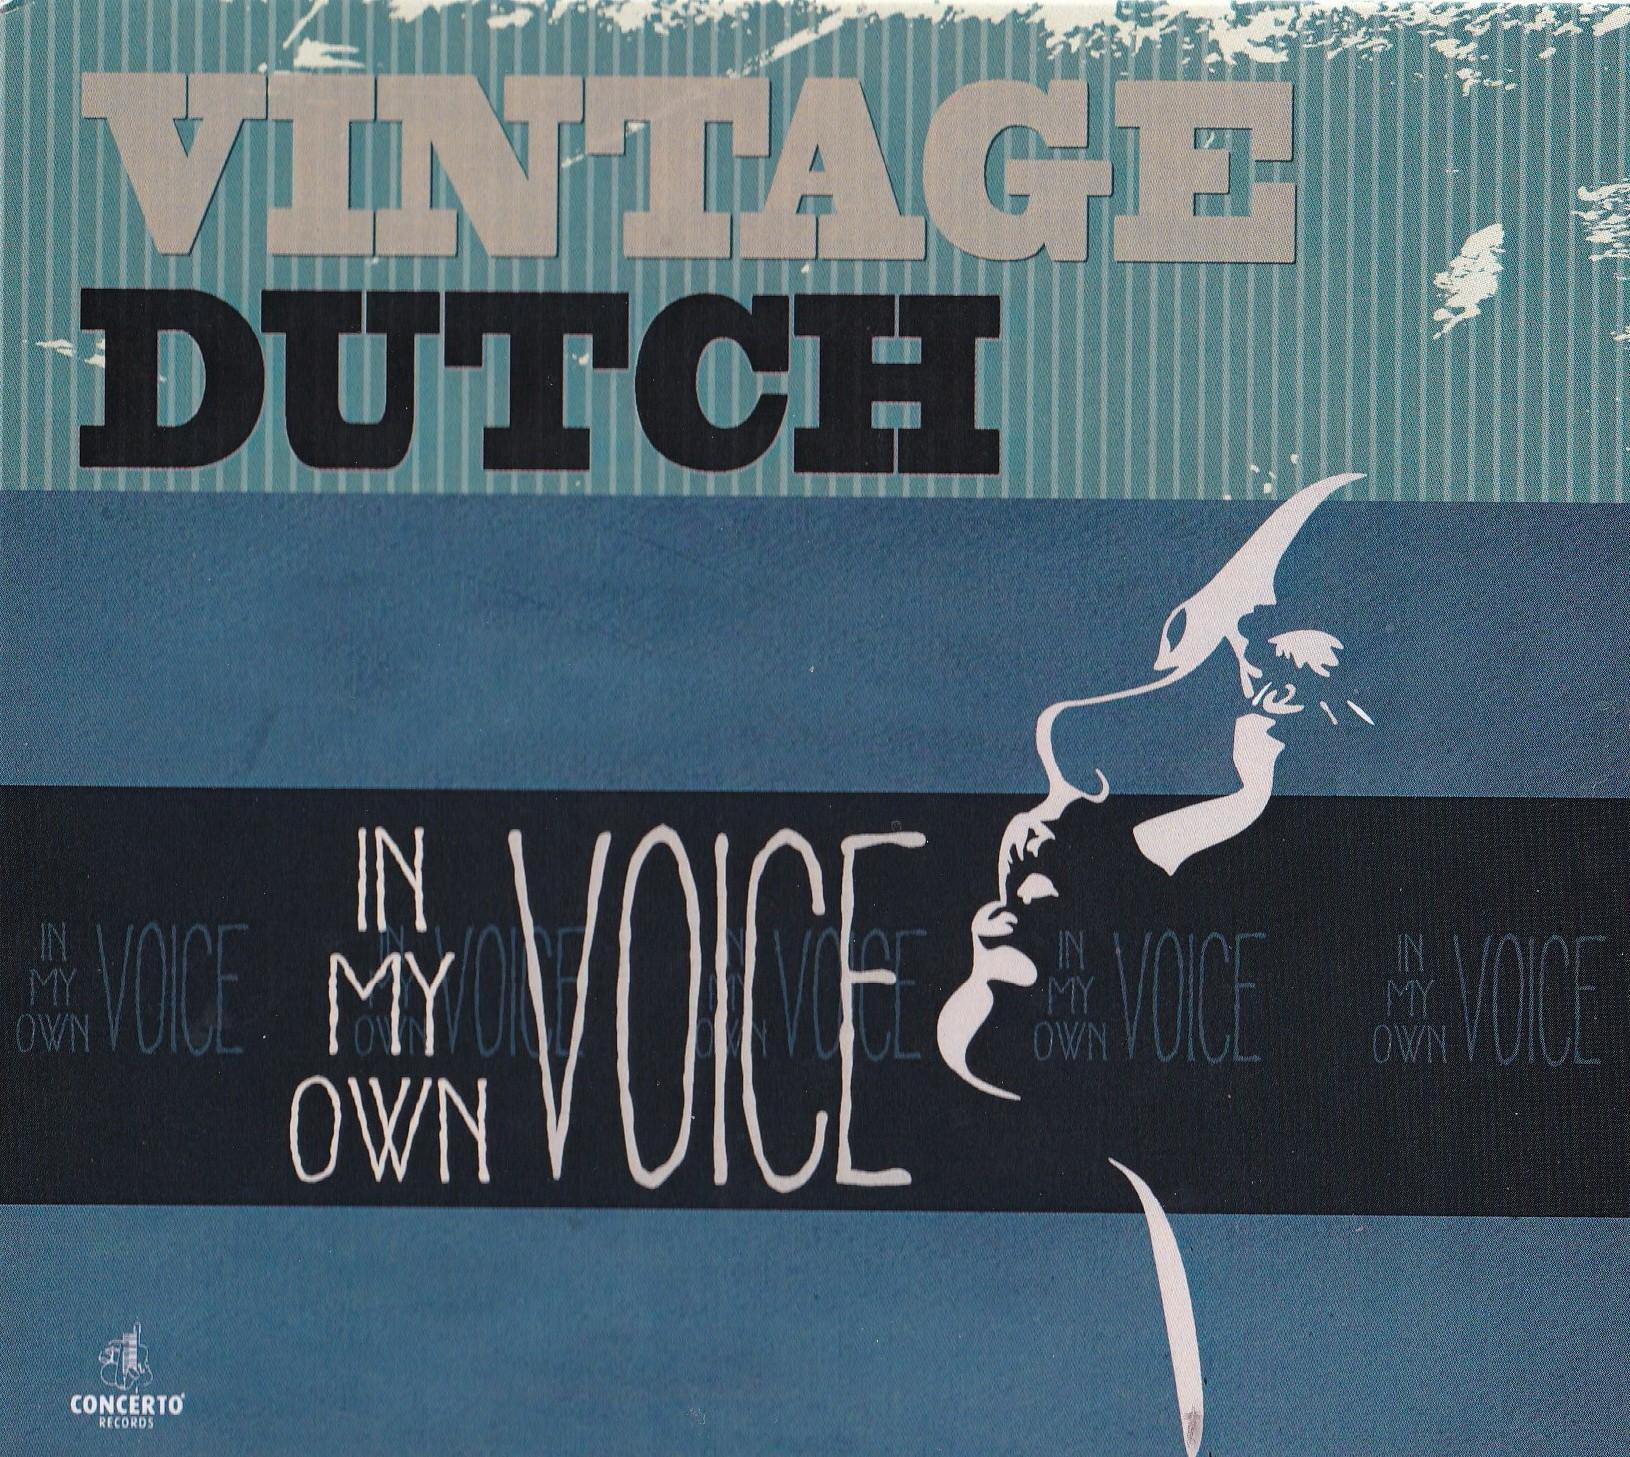 Vintage Dutch - In My Own Voice